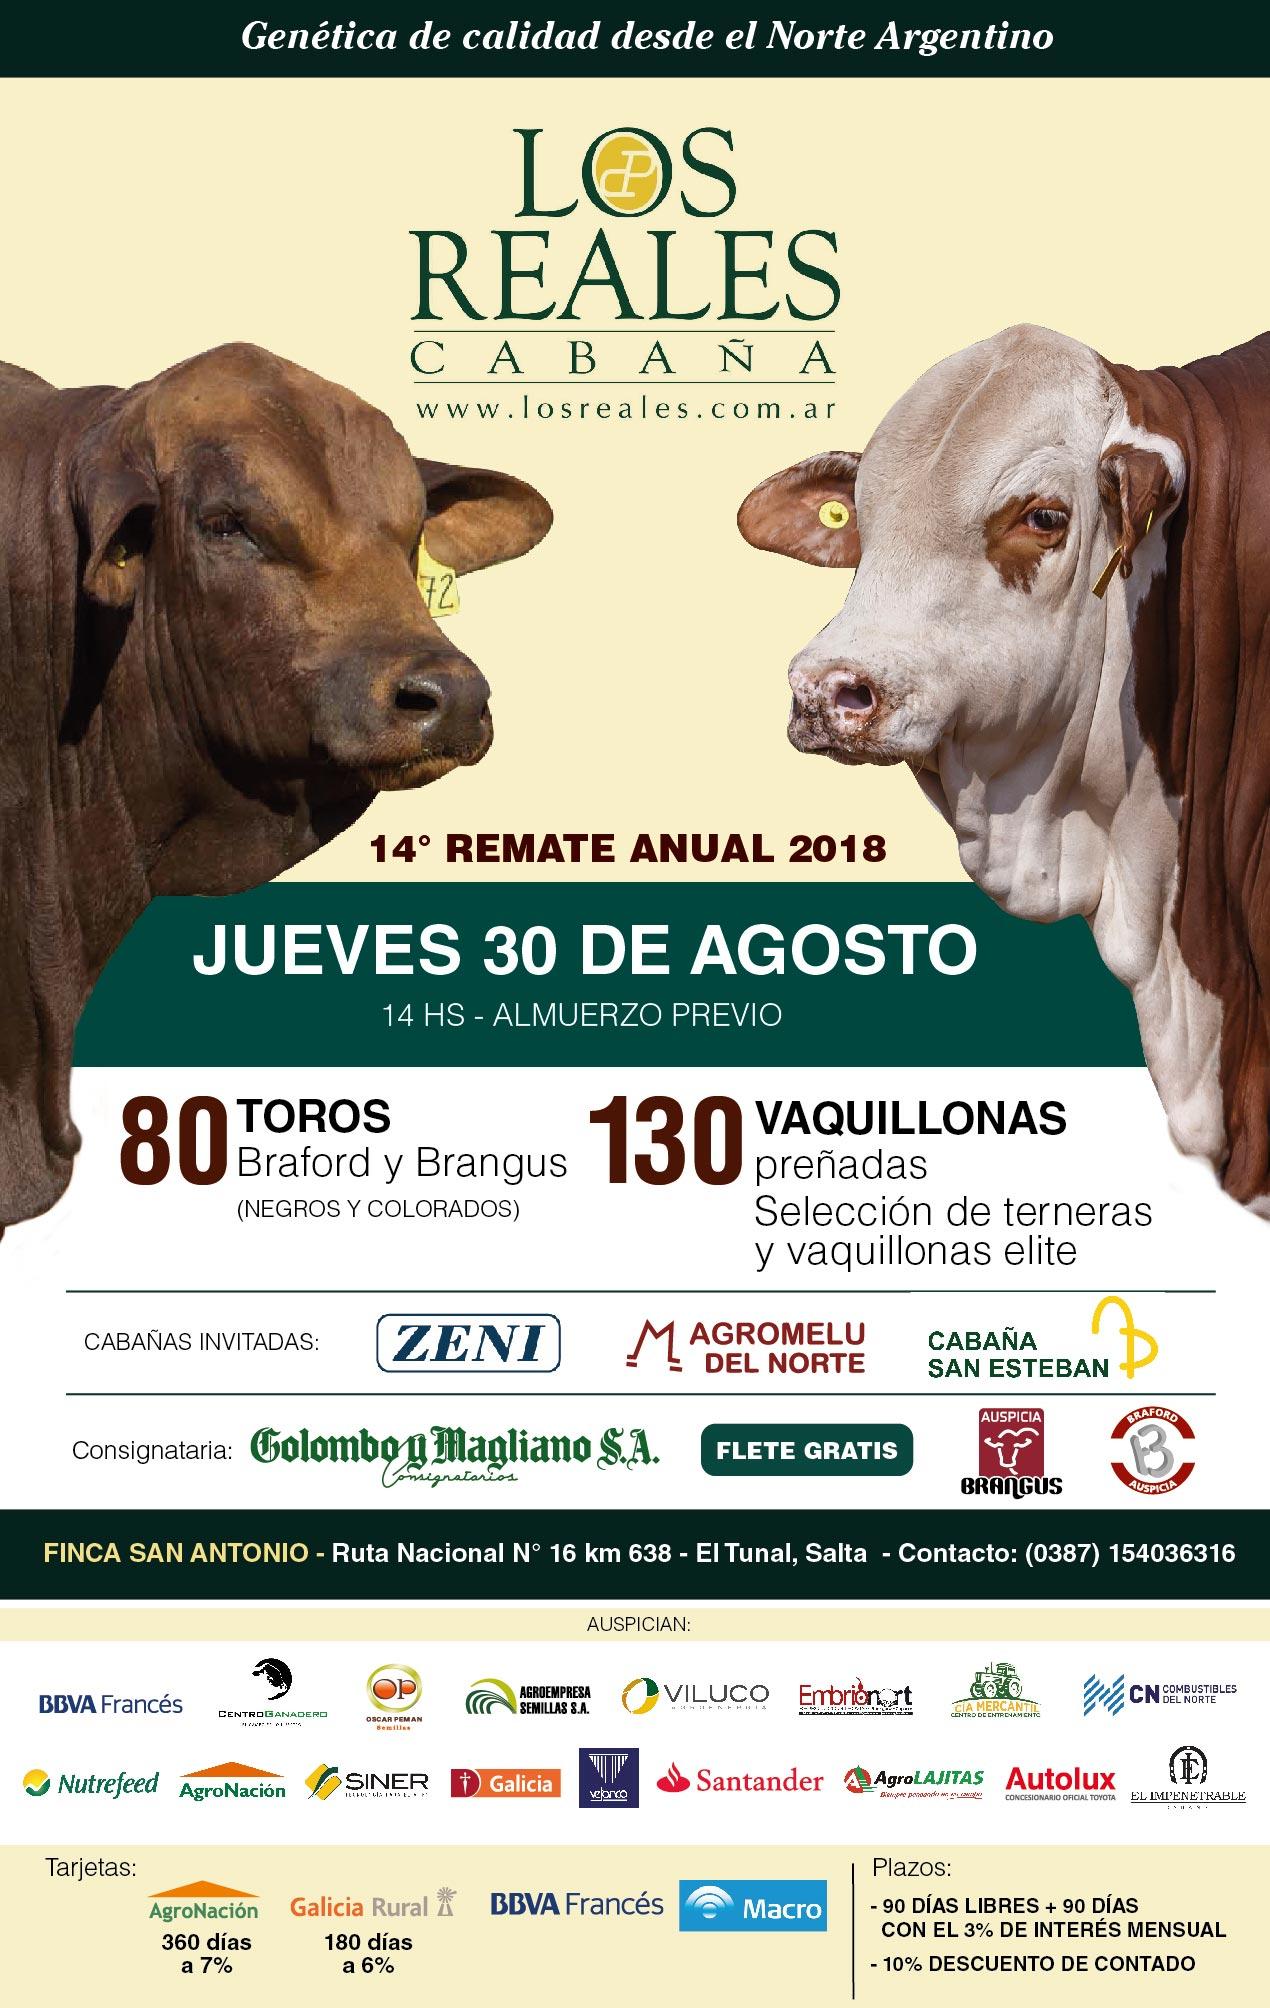 14° Rte Anual Cabaña Los Reales (flyer)